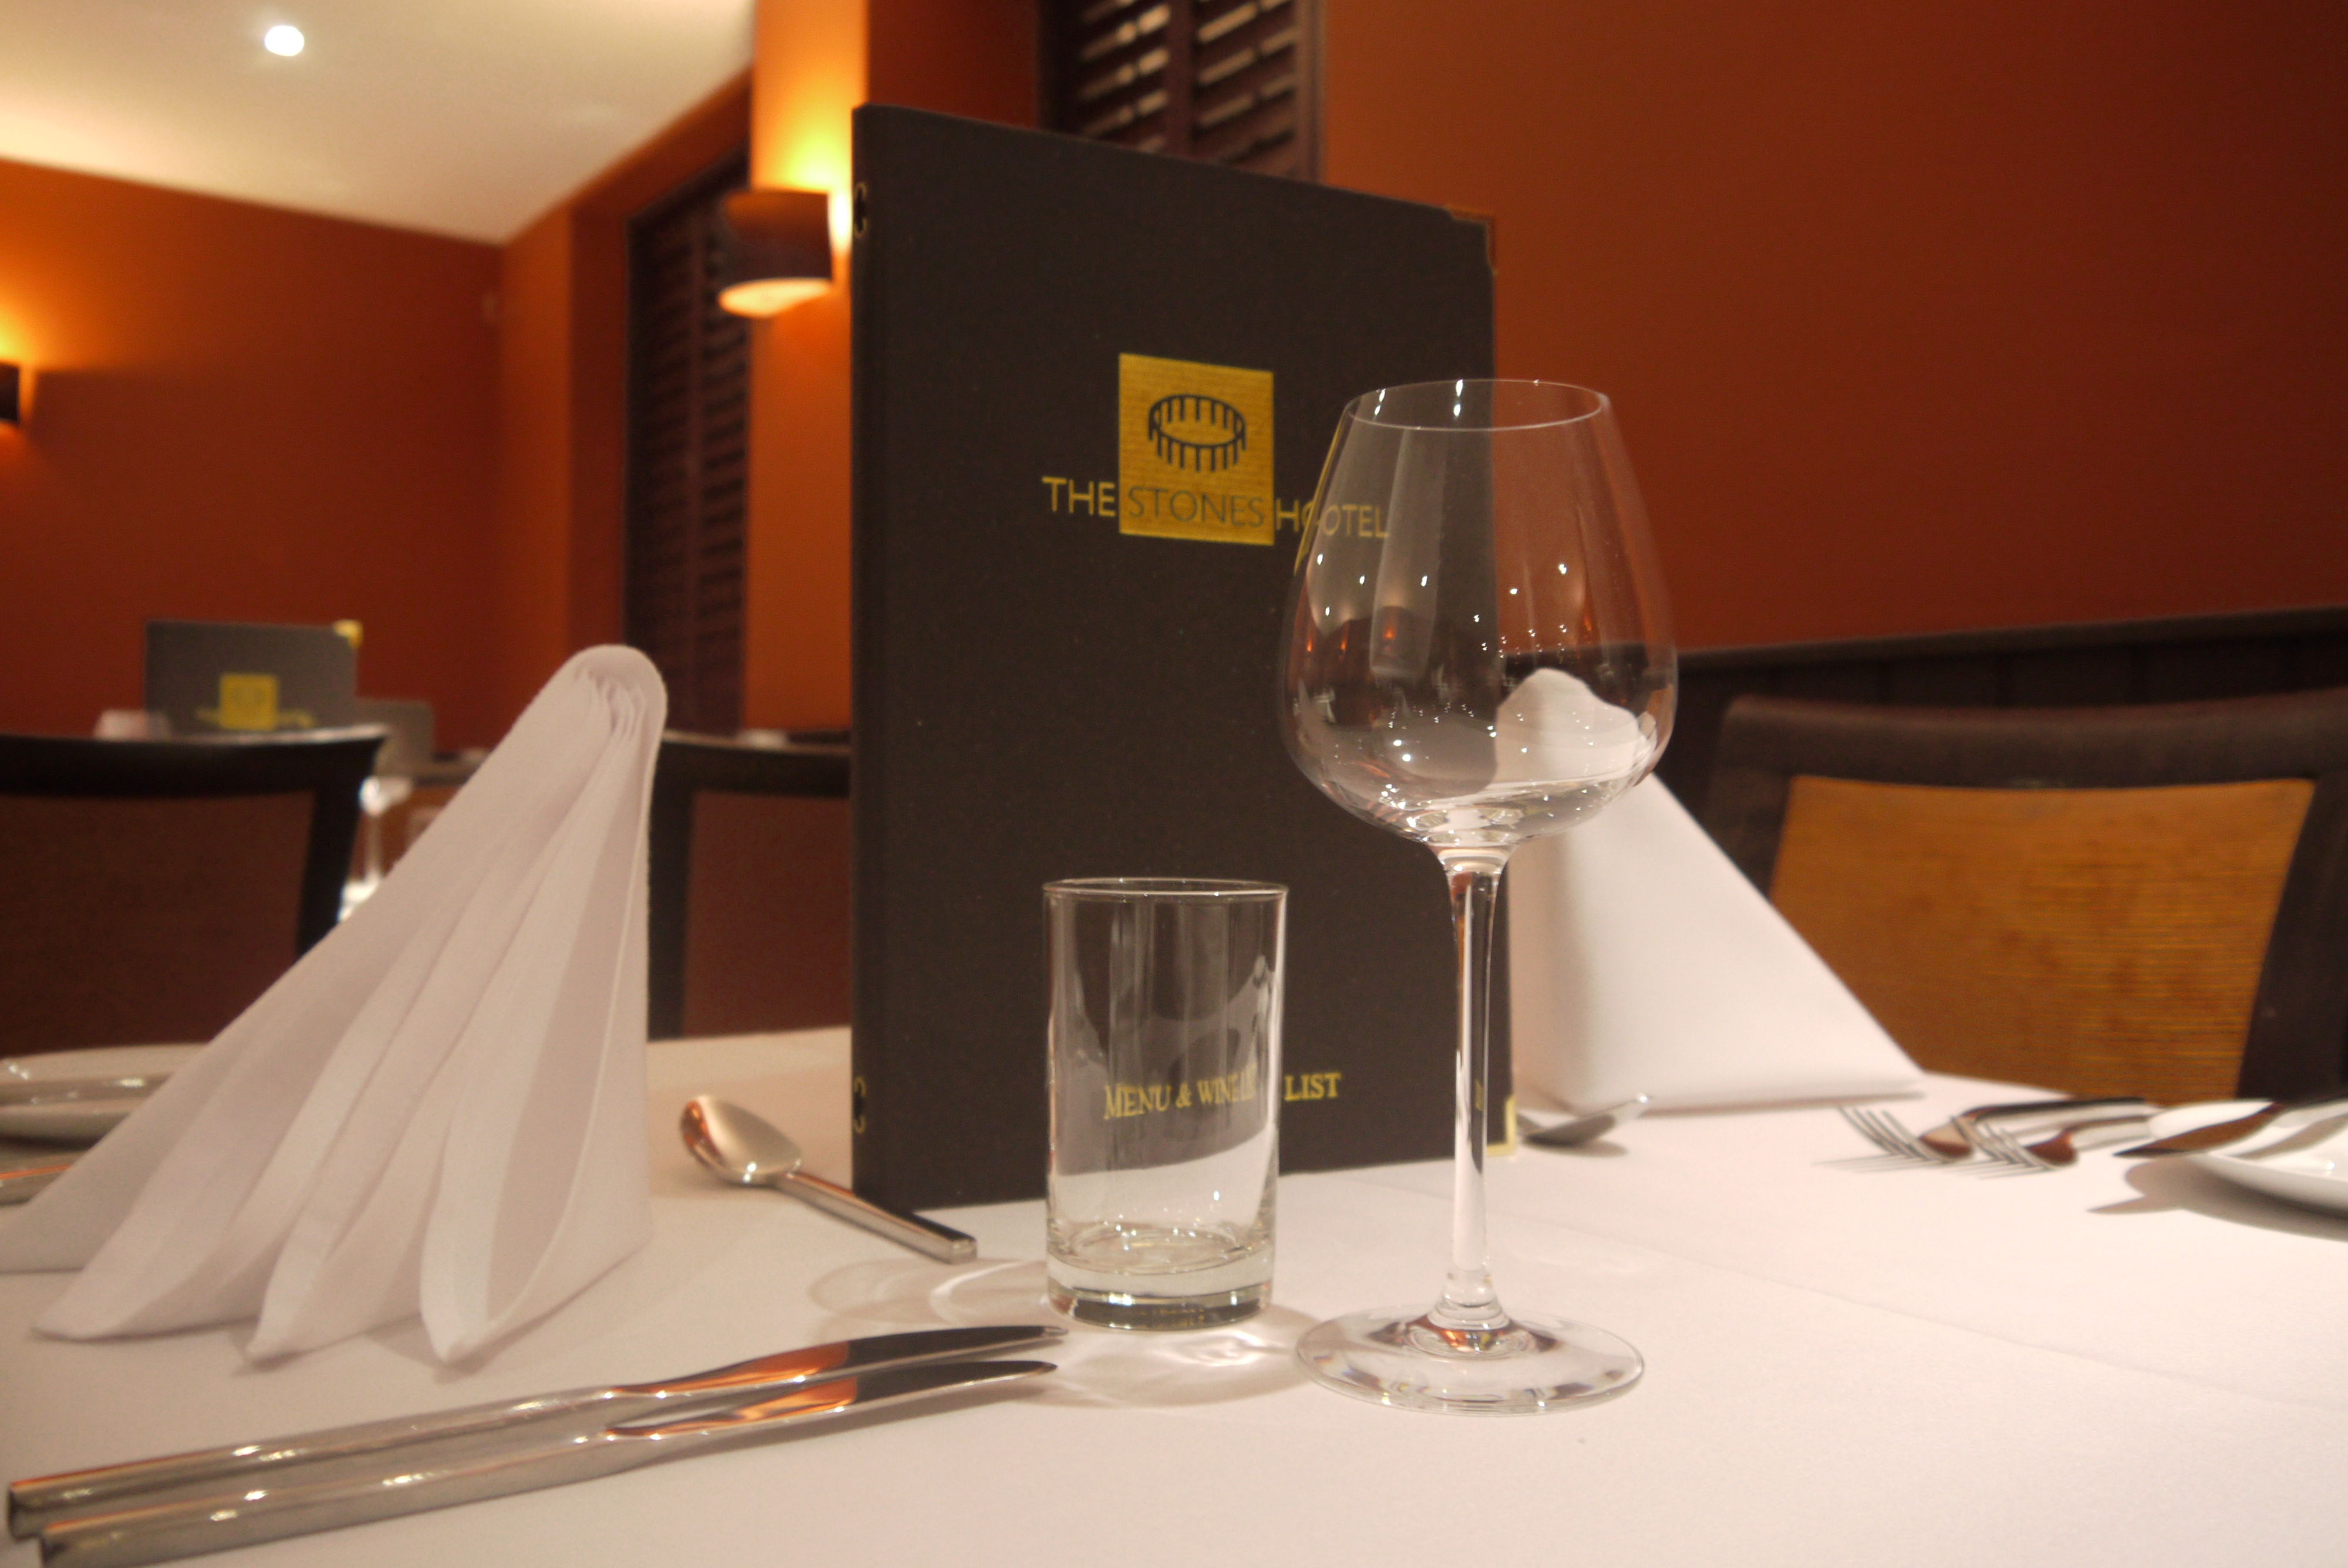 Restaurants in Salisbury - The Stones Hotel